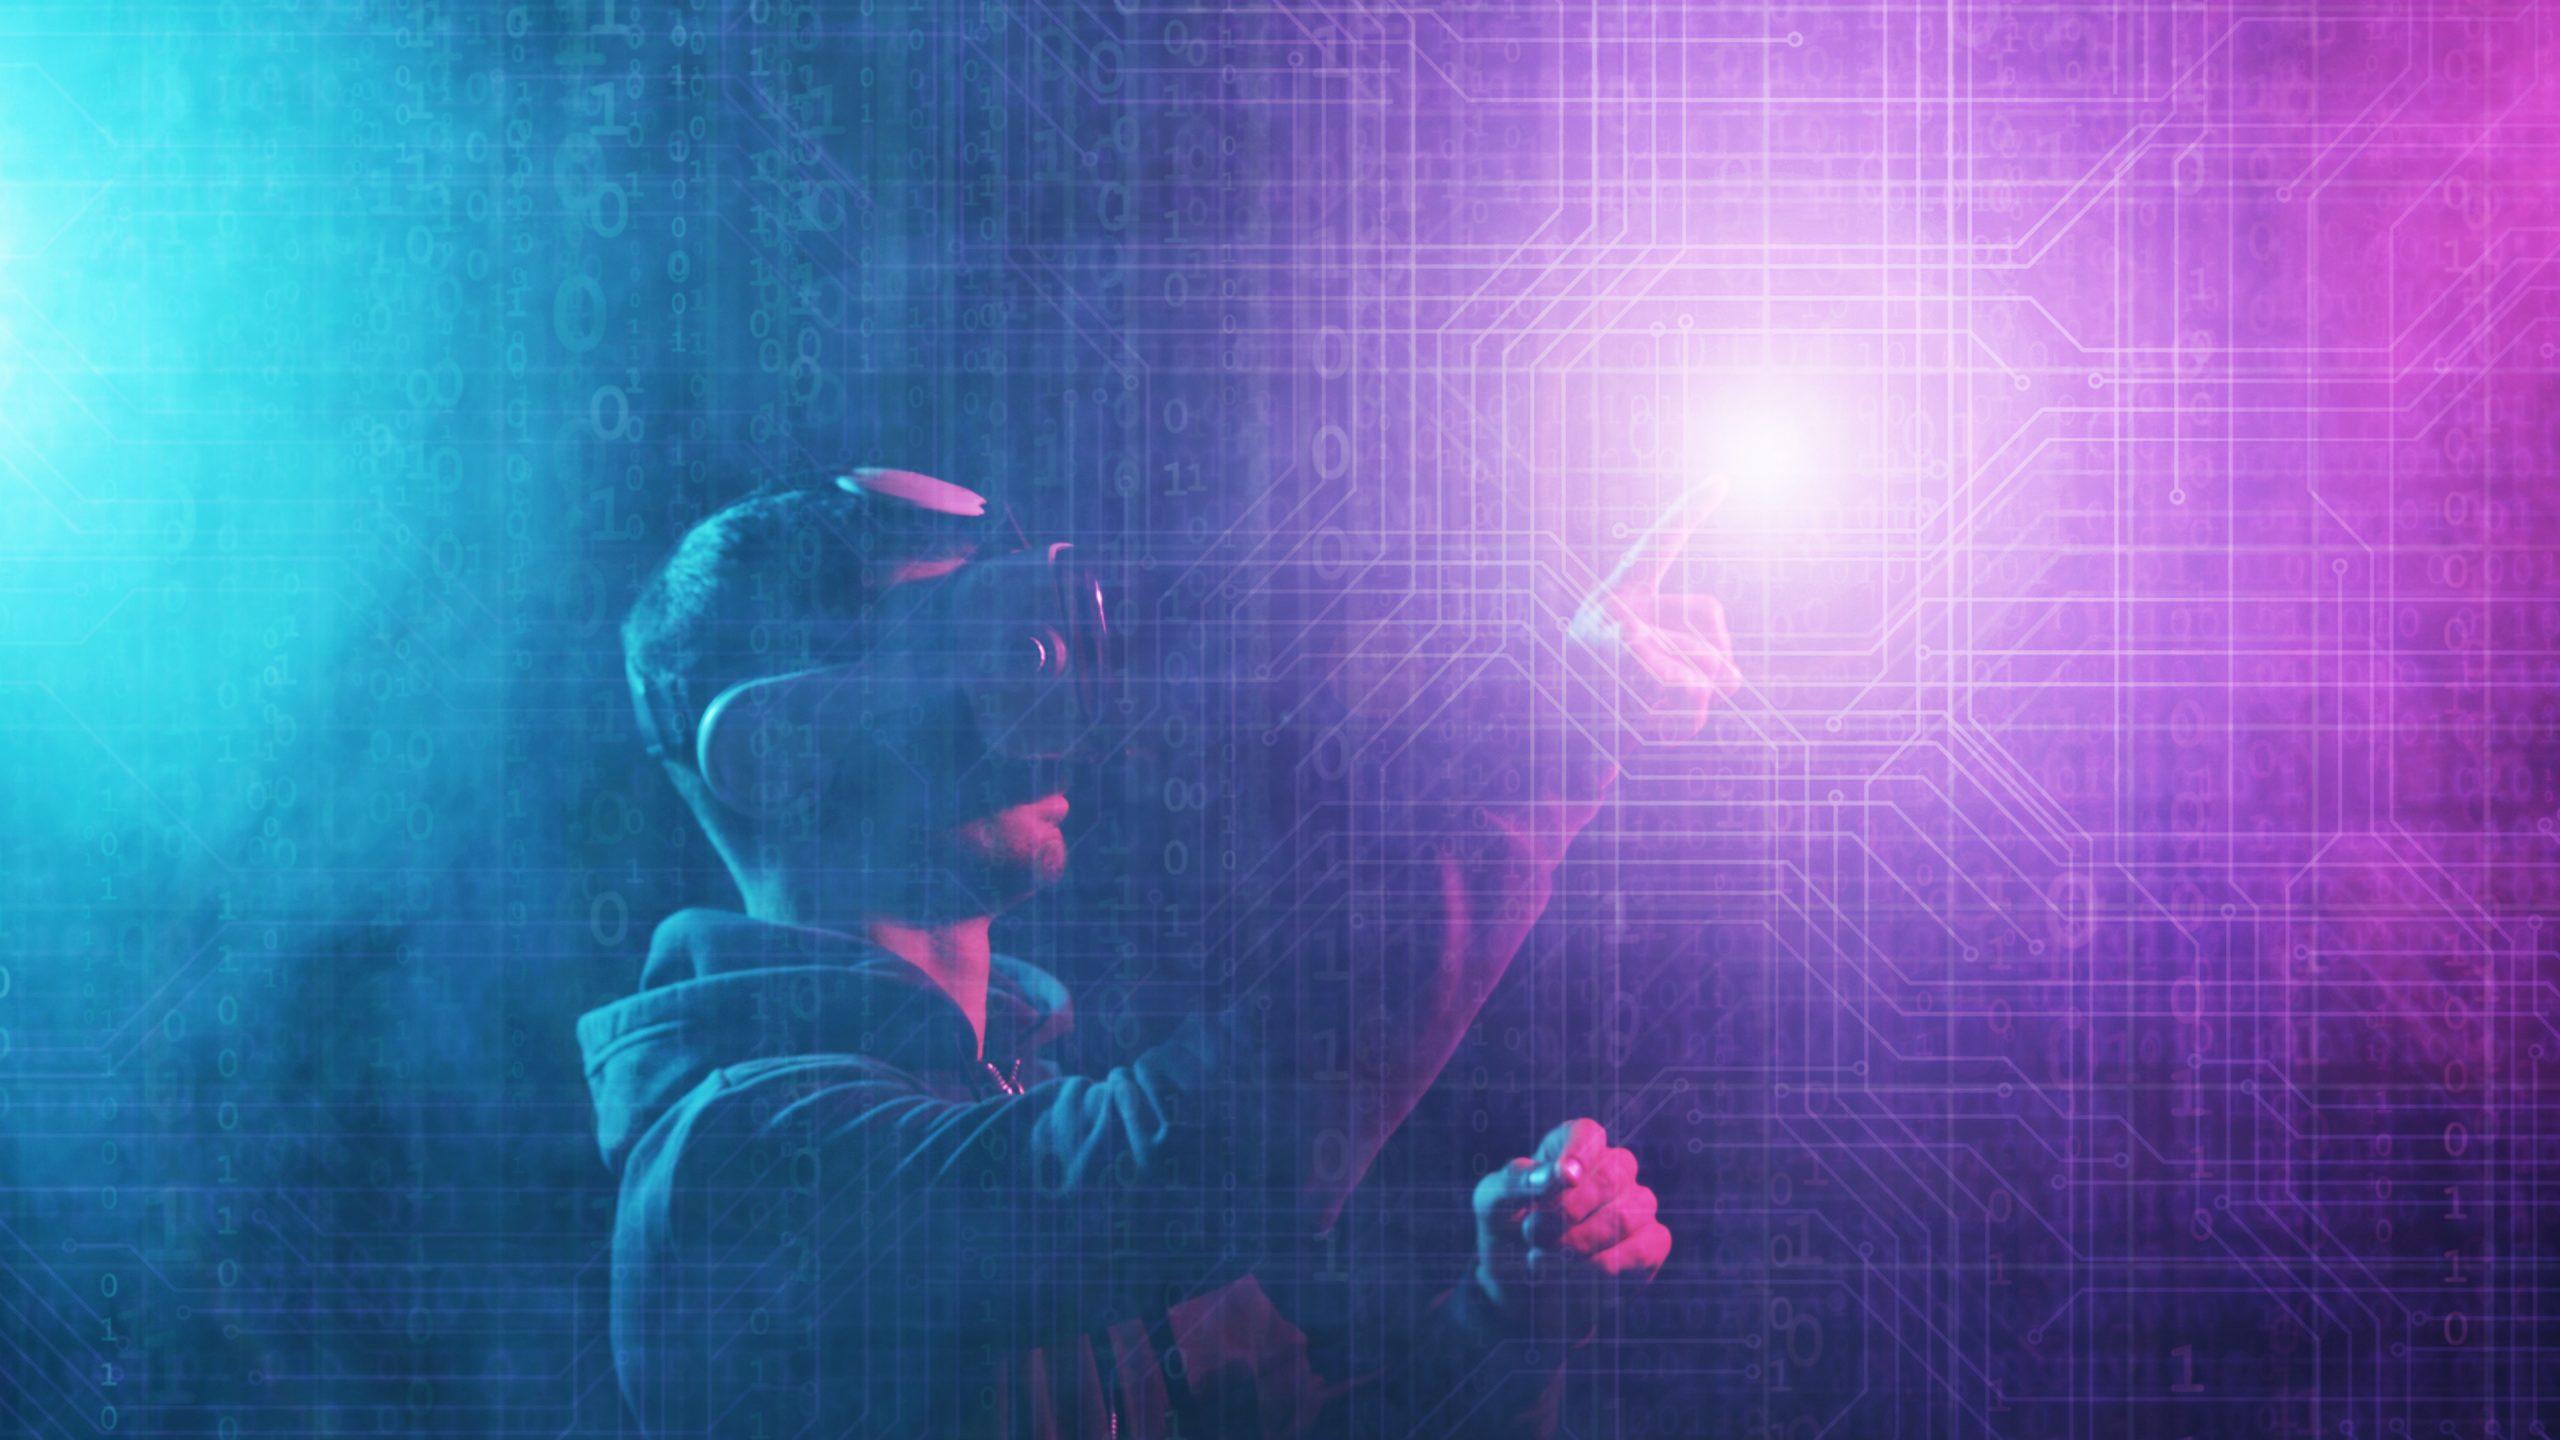 Techogardens konsulter inom IT kan allt från programledning till content management, verksamhetsutveckling och agil utveckling. De har erfarenhet från giganter inom automotive och processindustri till startup inom energisektorn och Med Tech.